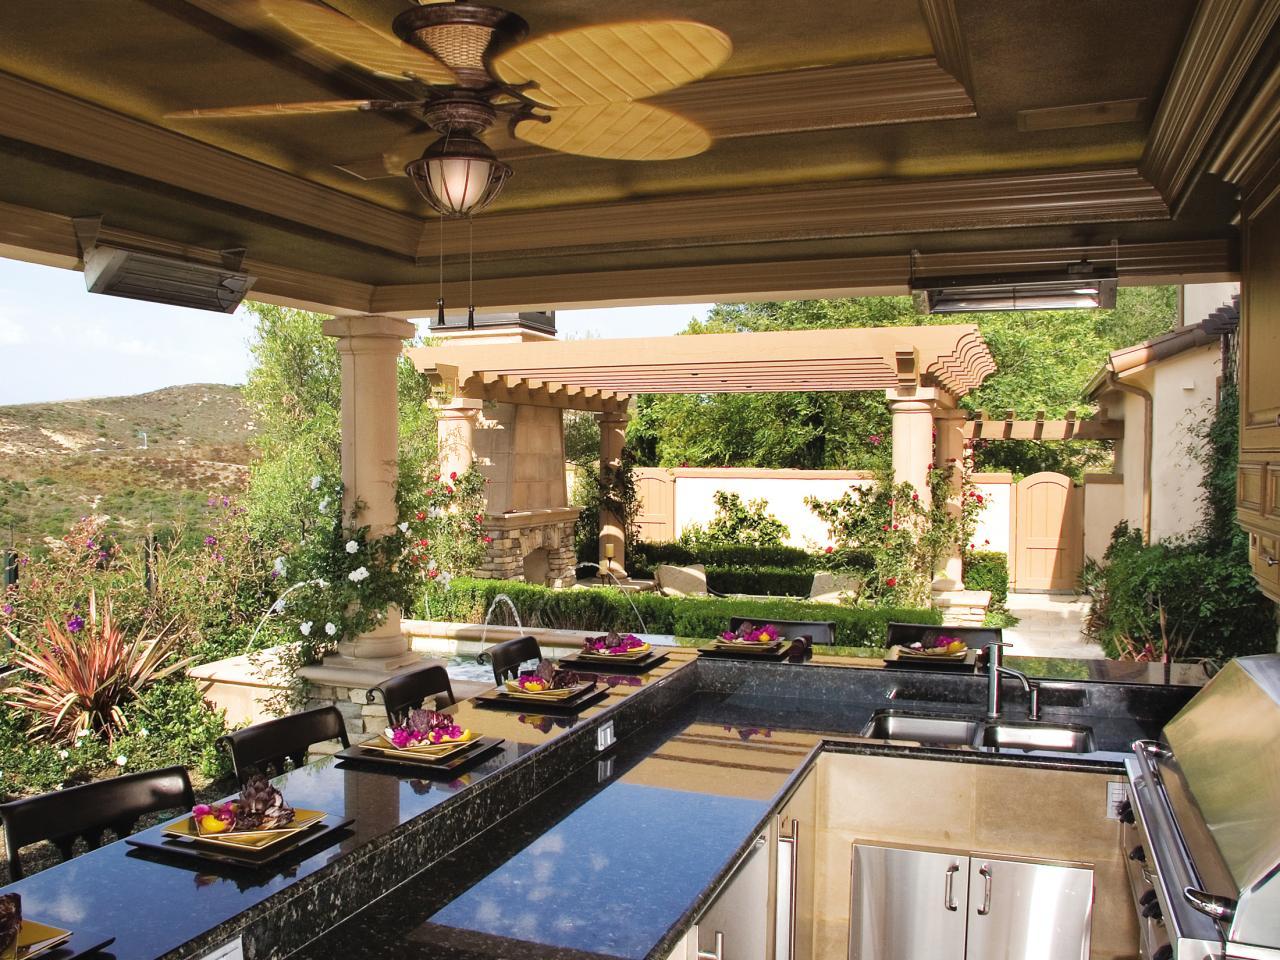 outdoor kitchen countertops options CZGVVJW